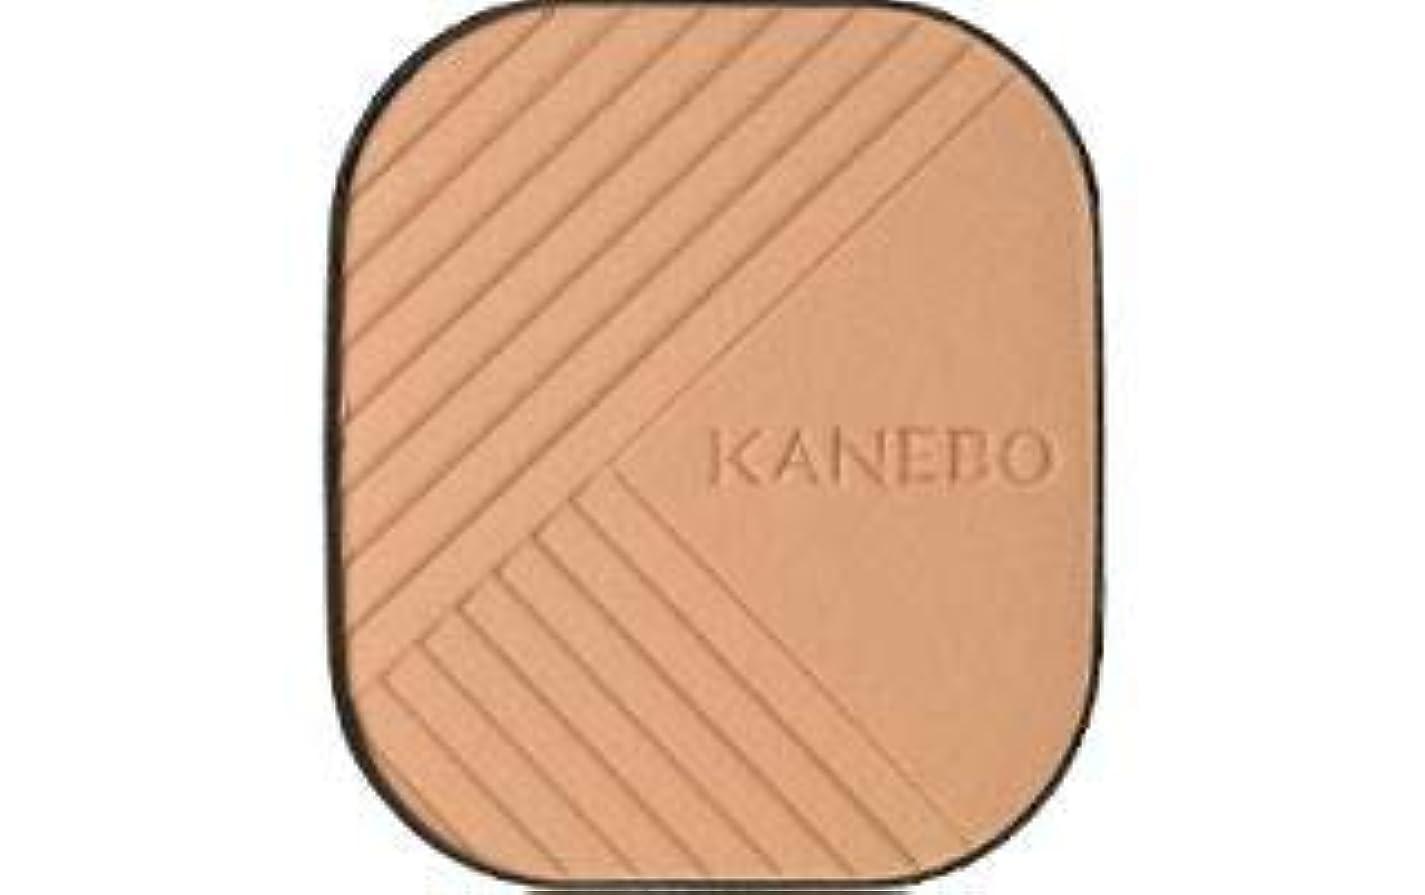 祝福ロータリー必需品KANEBO カネボウ ラスターパウダーファンデーション レフィル オークルD/OC D 9g [並行輸入品]